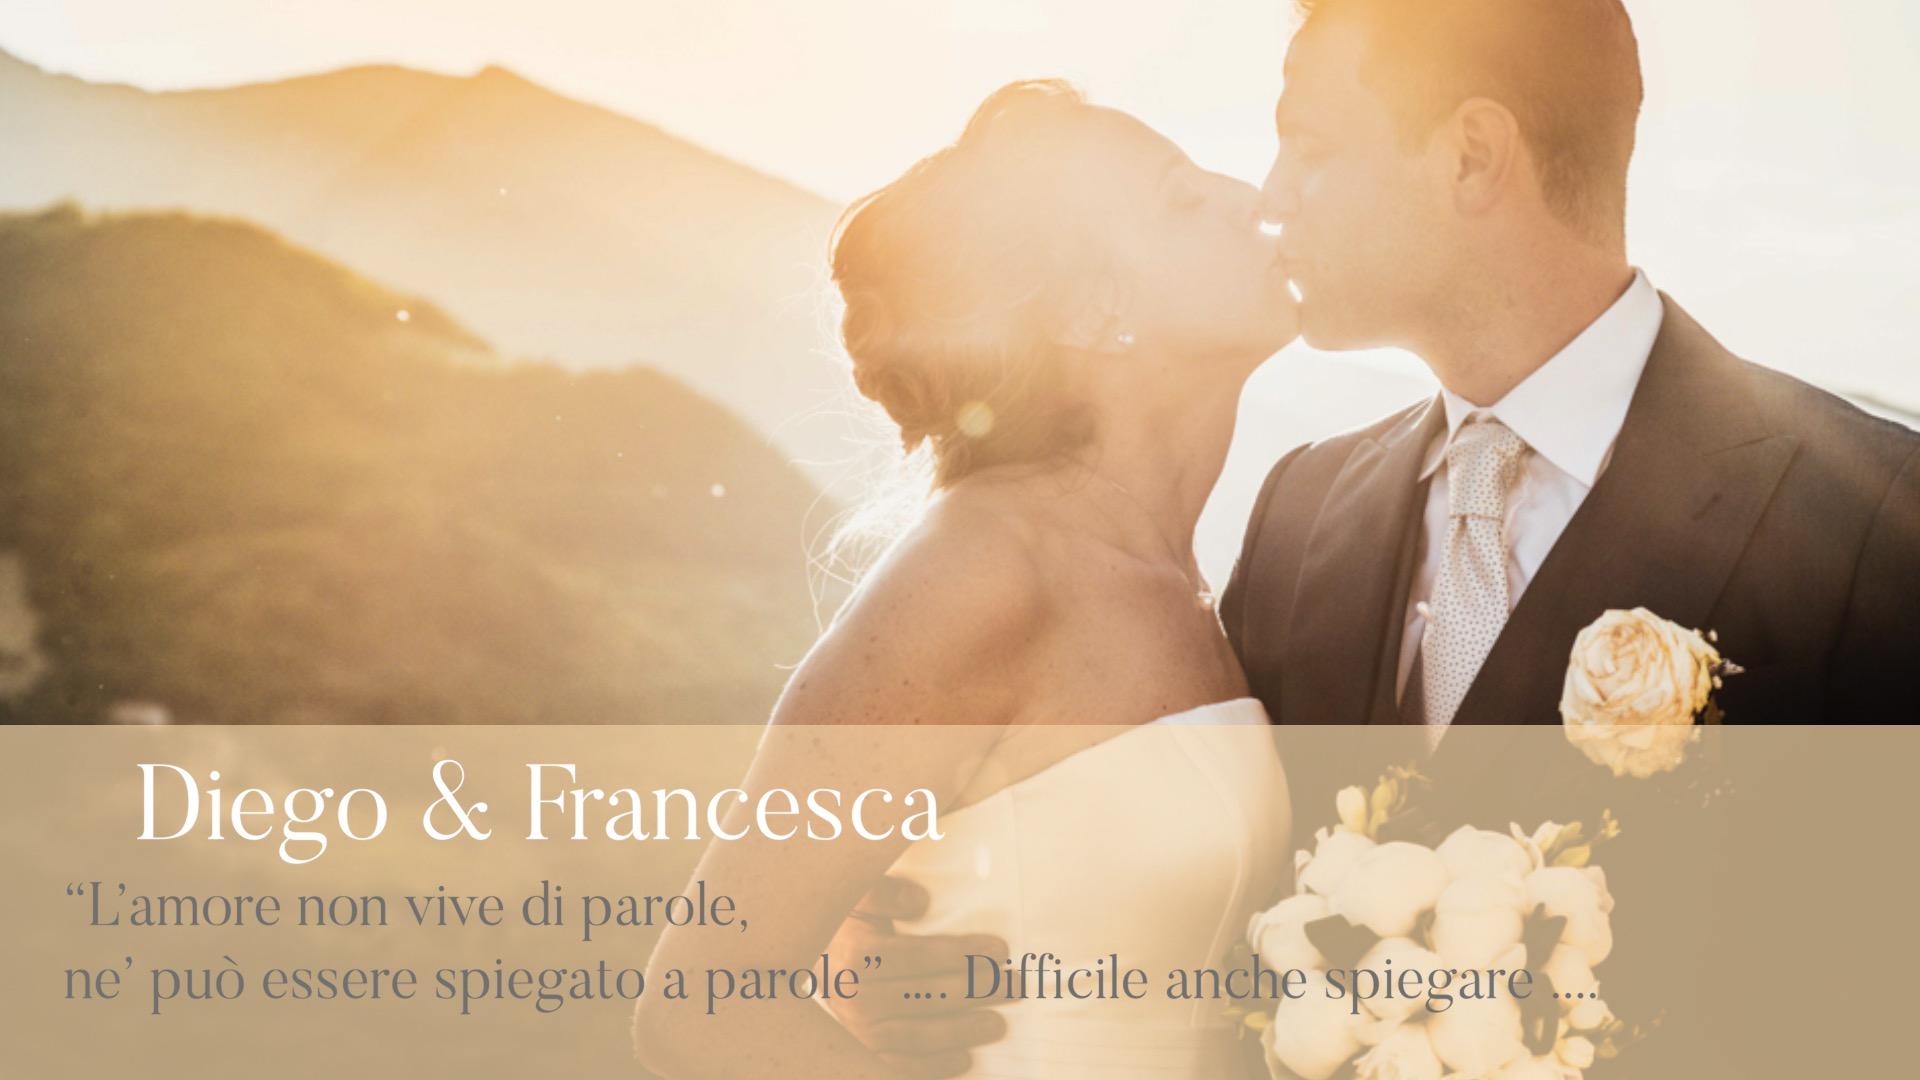 Diego francesca copertina wedding